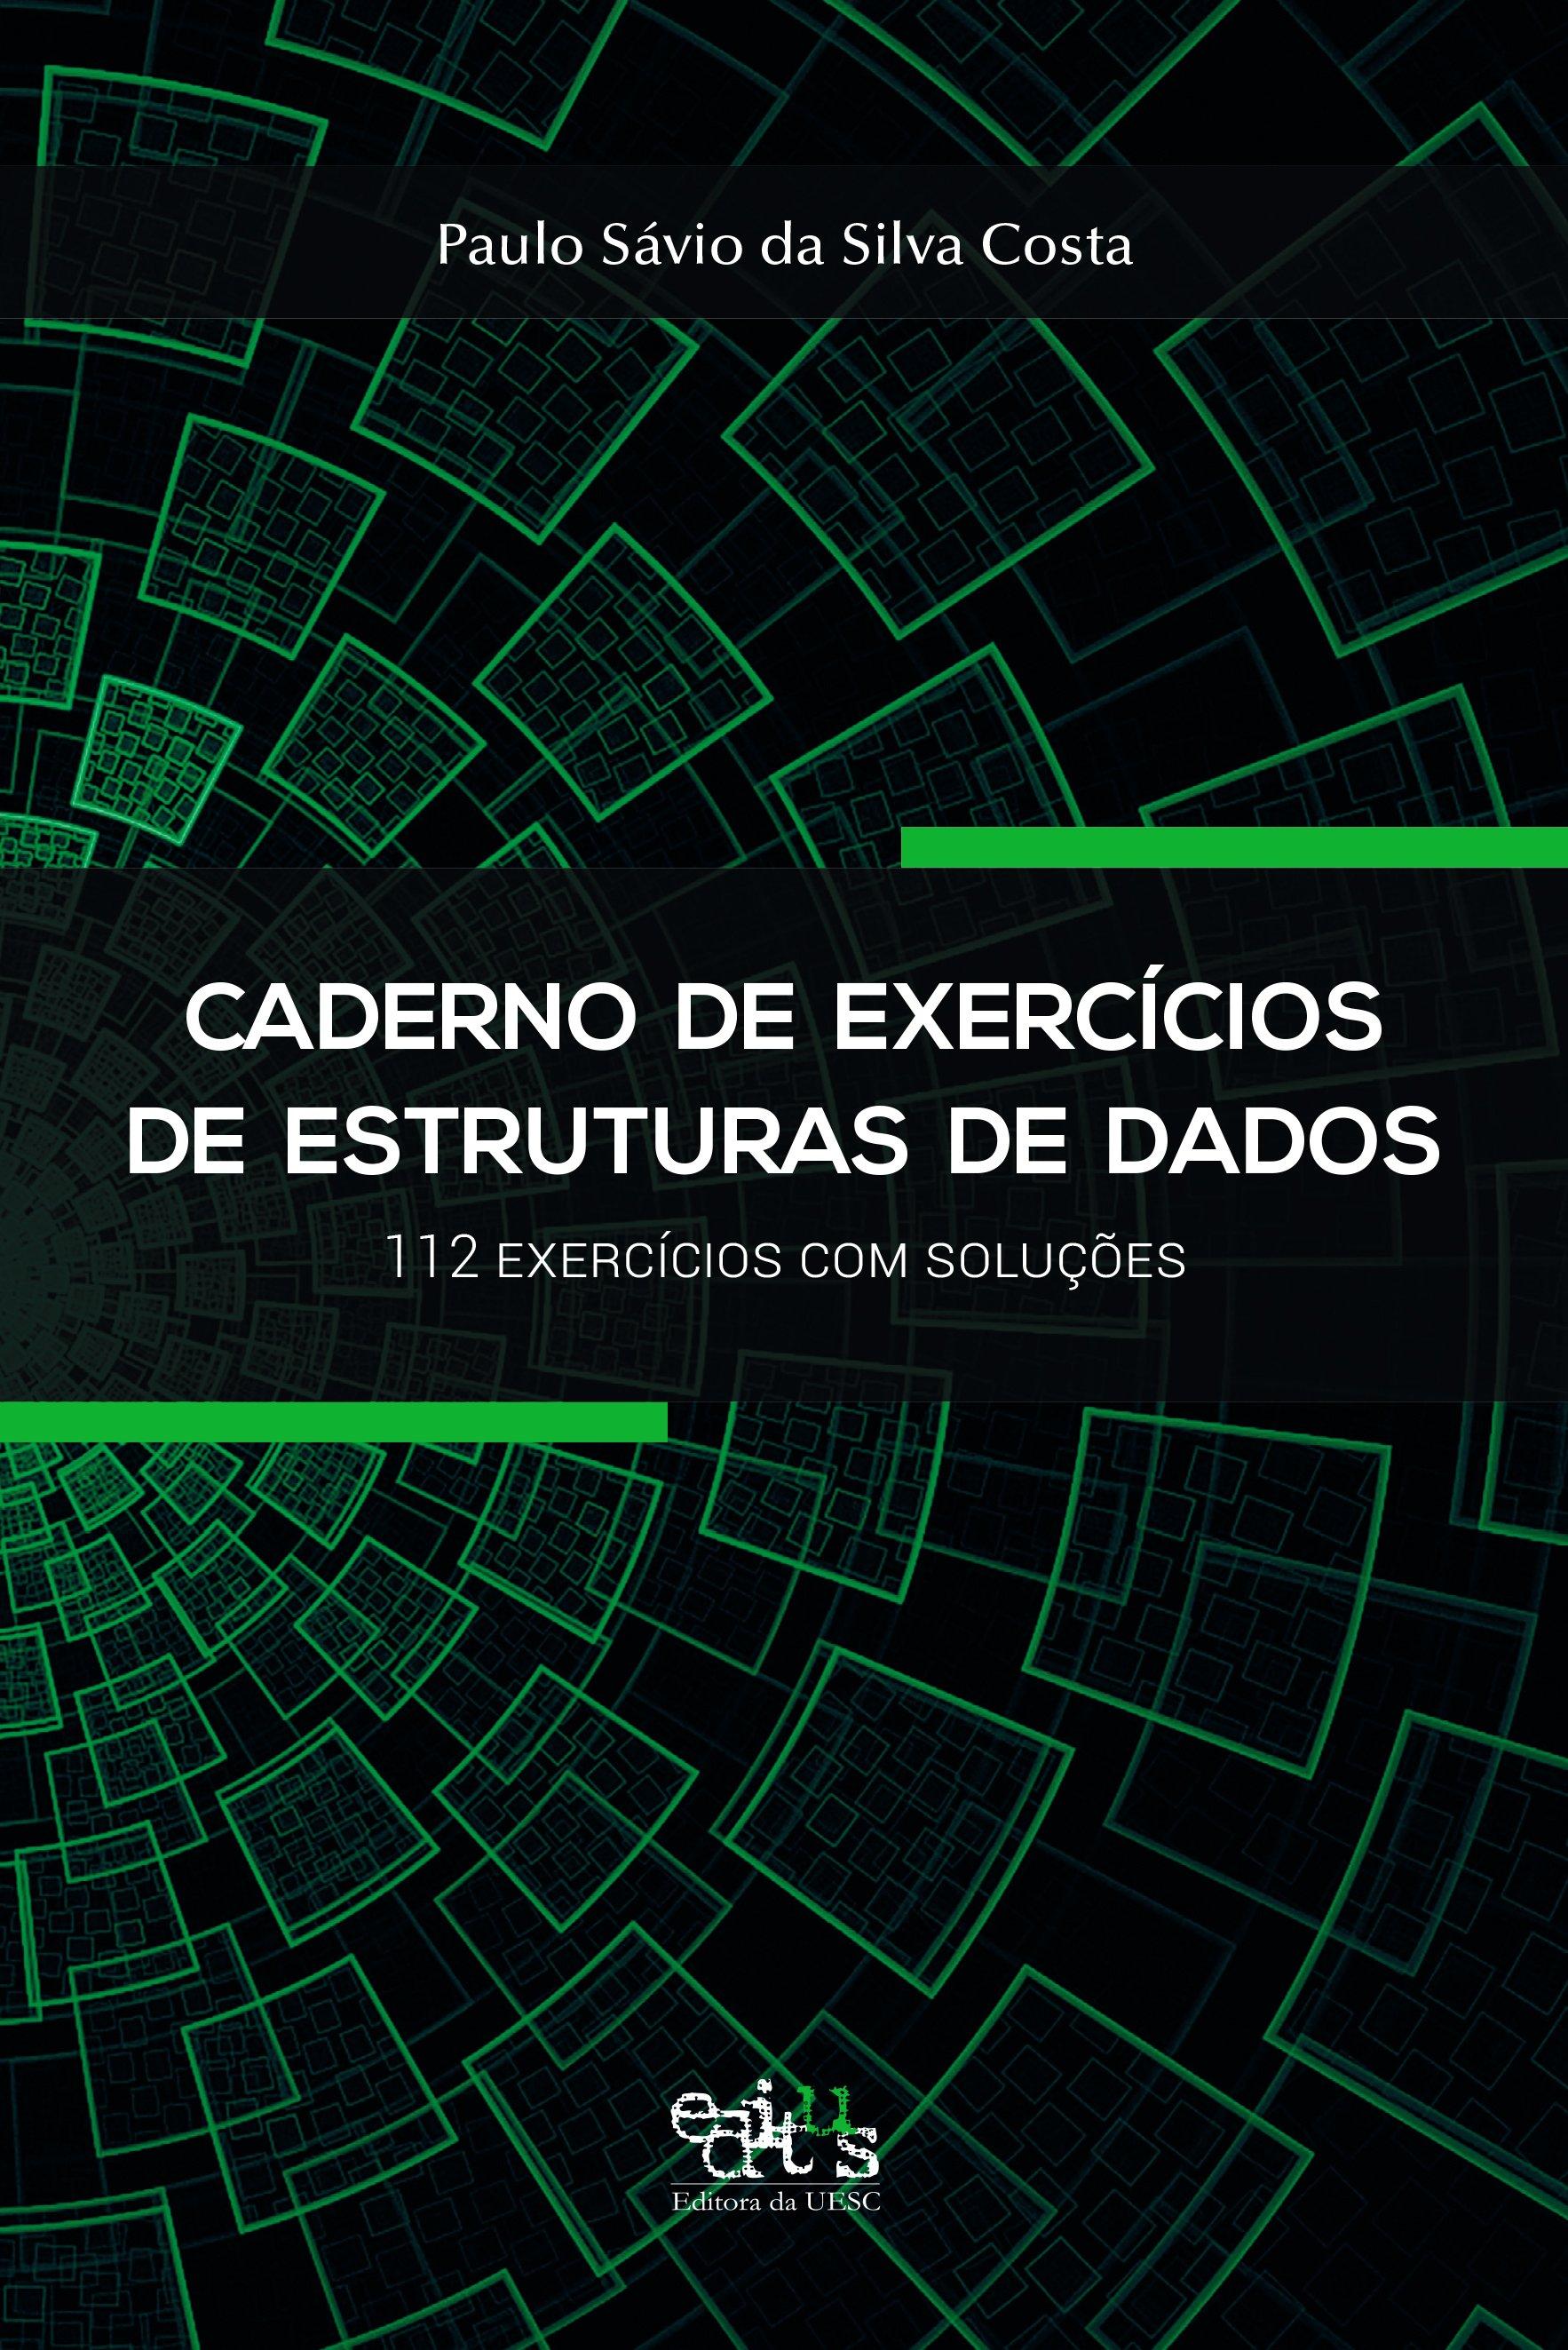 Caderno de exercícios de estruturas de dados. 112 exercícios com soluções, livro de Paulo Sávio da Silva Costa